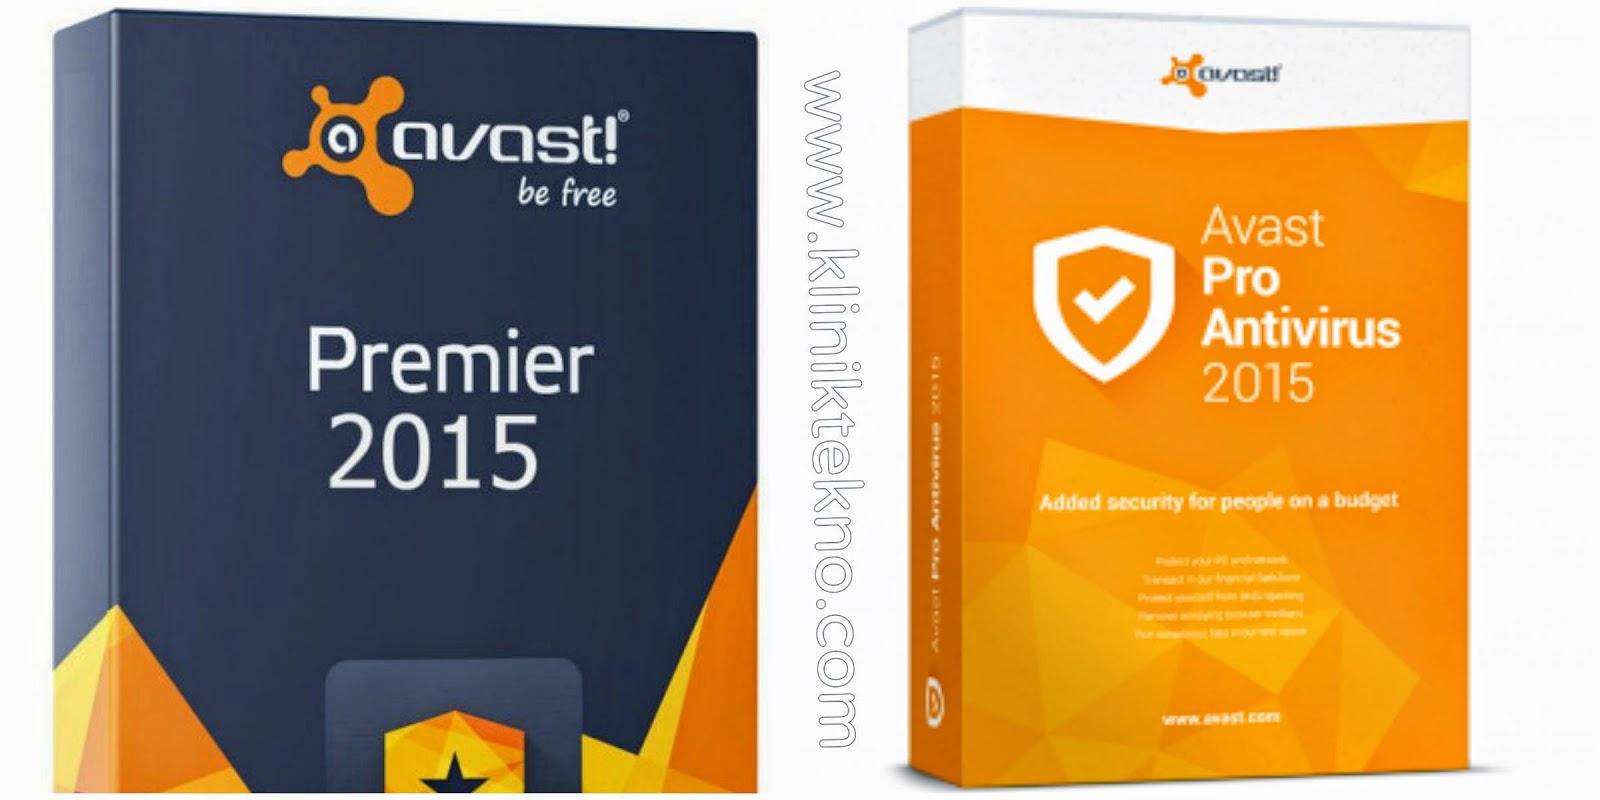 Gratis AVAST PRO dan Premier Antivirus Full Version Terbaru 2015